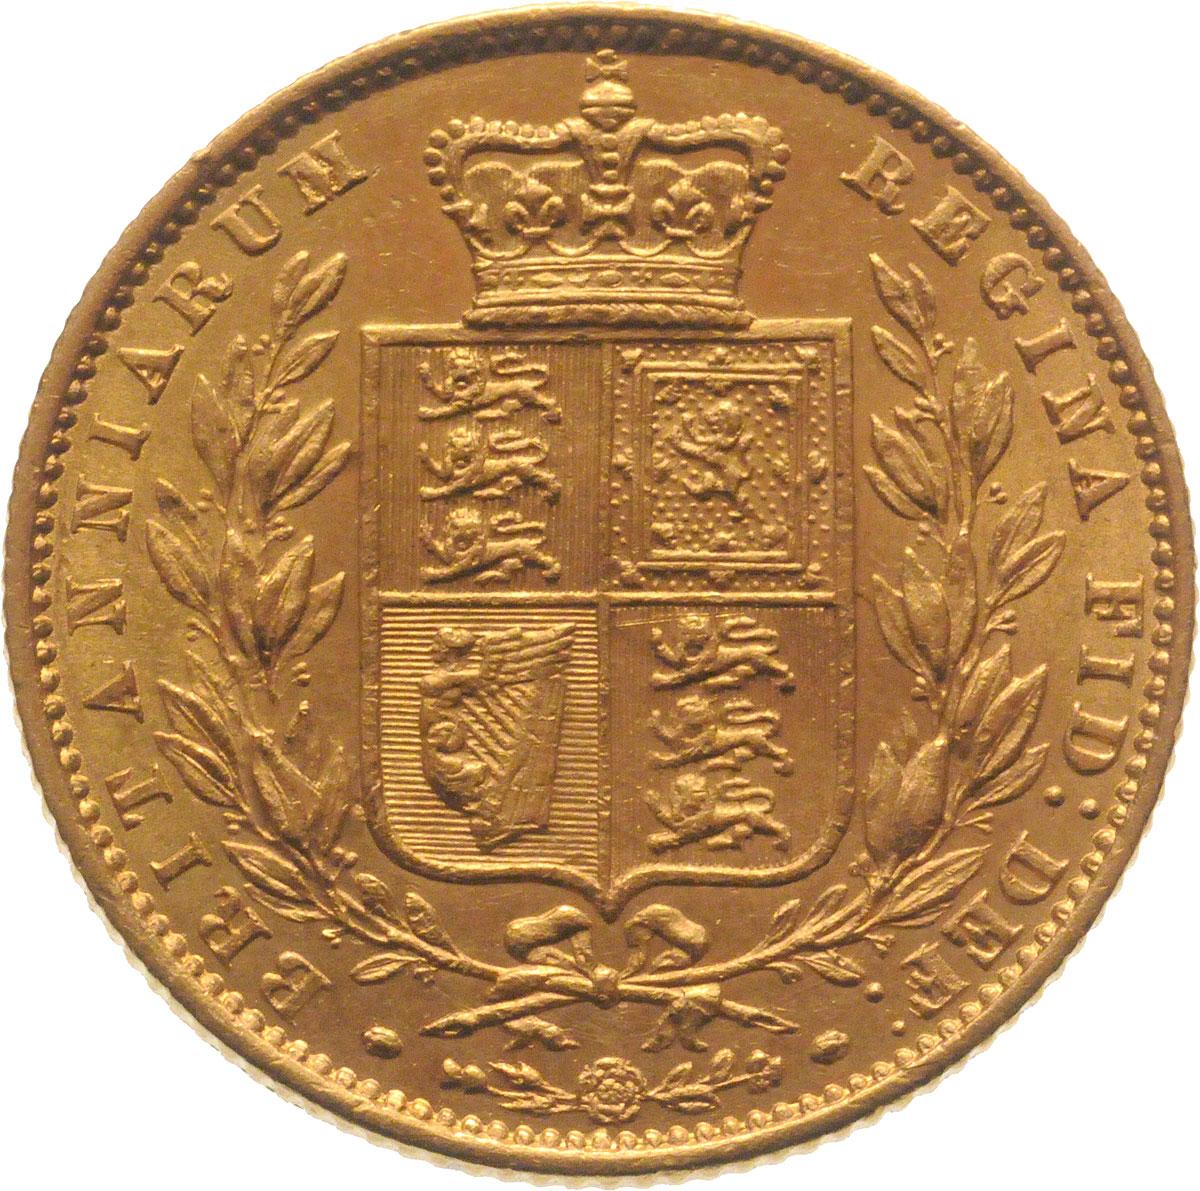 1860 Βικτώρια (Νομισματοκοπείο Λονδίνου)